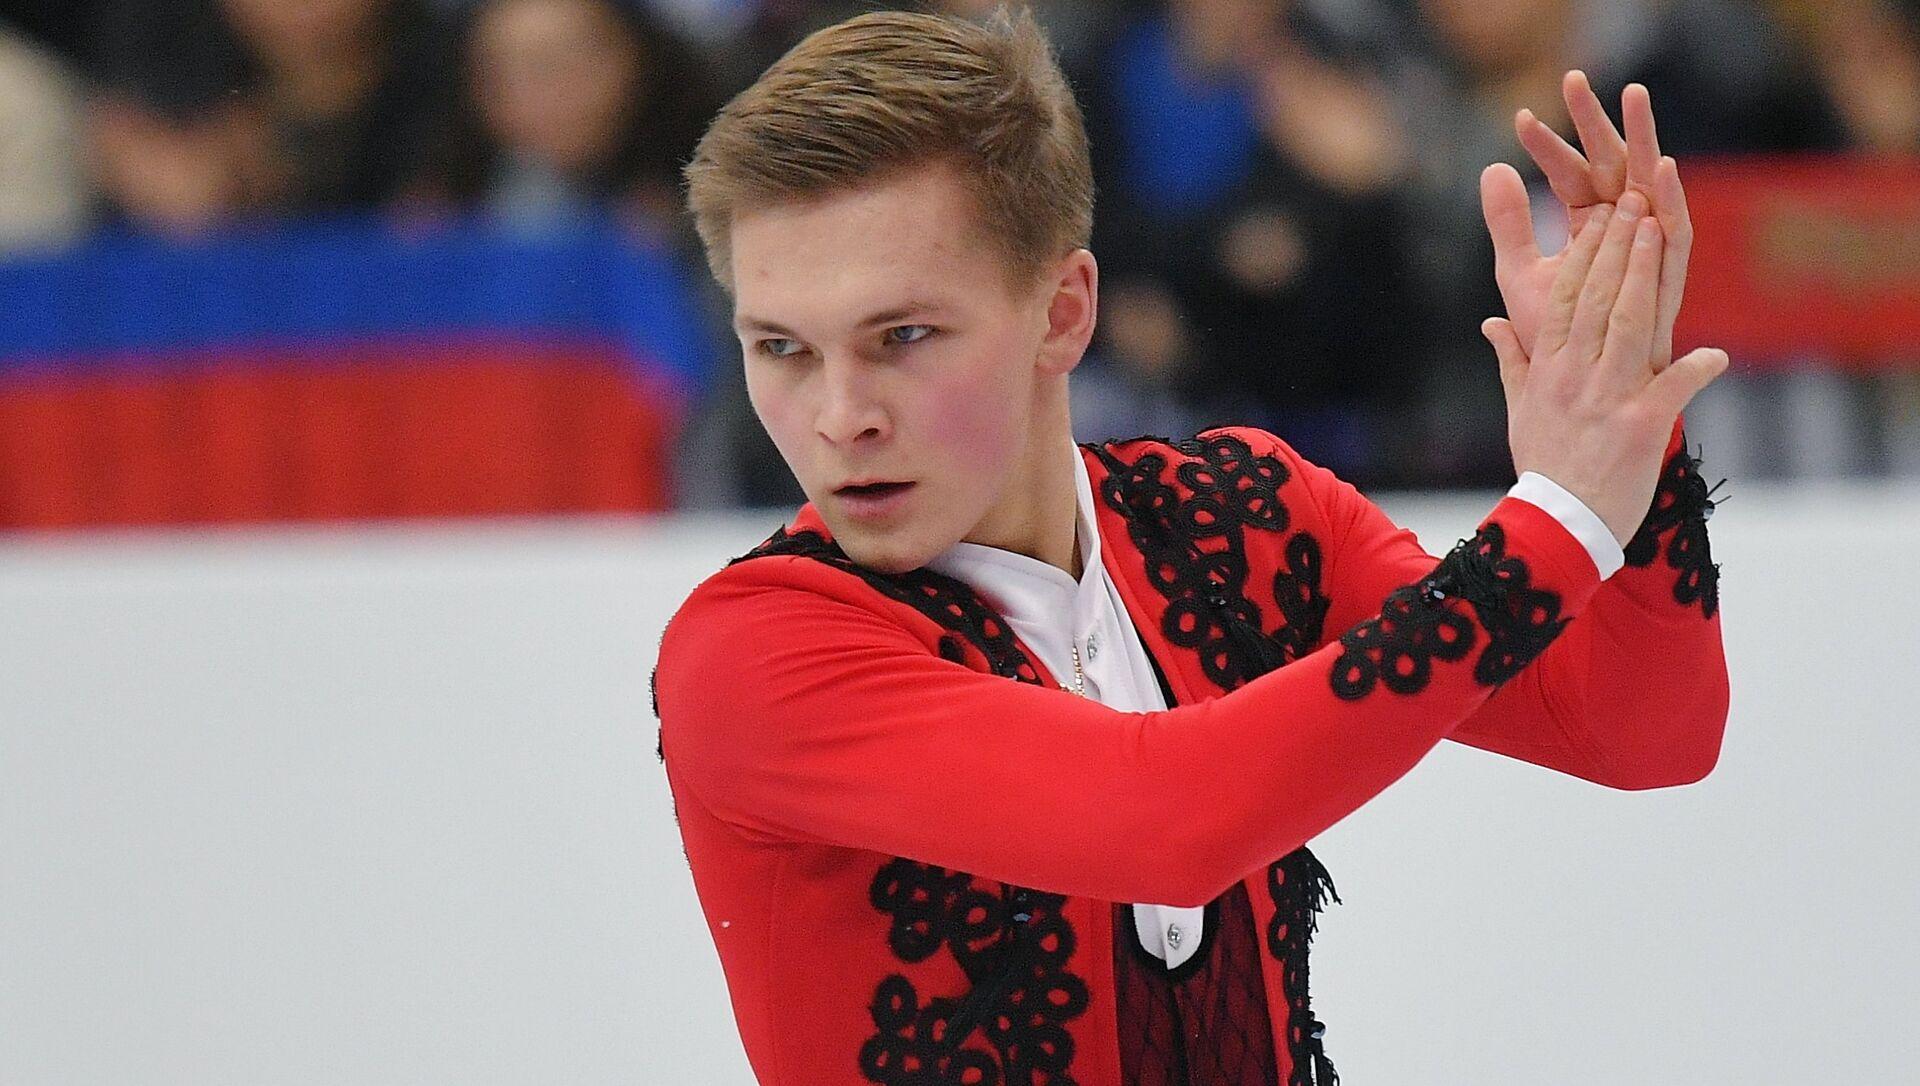 ロシア男子フィギュアのミハイル・コリャダー選手 - Sputnik 日本, 1920, 08.10.2021